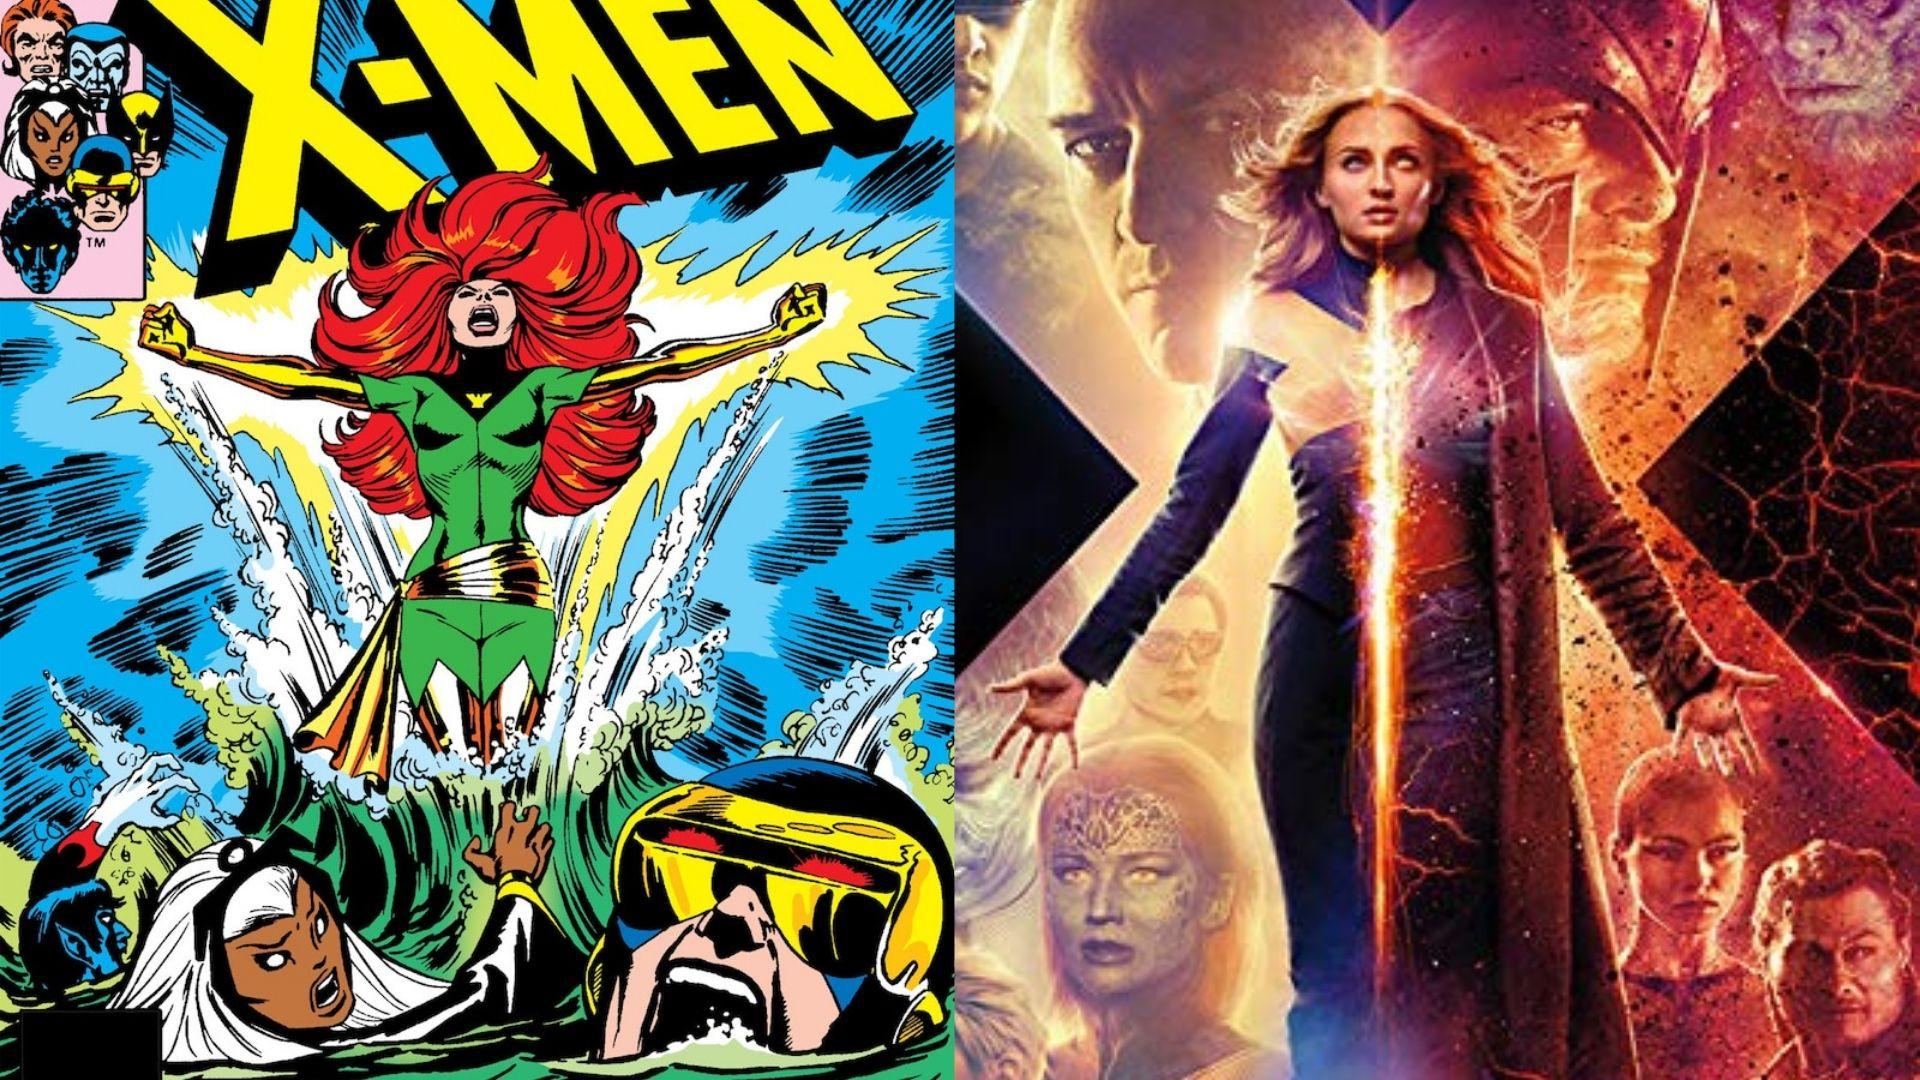 【X-MEN】ジーン・グレイ(マーベルガール)の強さ・能力・誕生・活躍について解説!【マーベル原作】